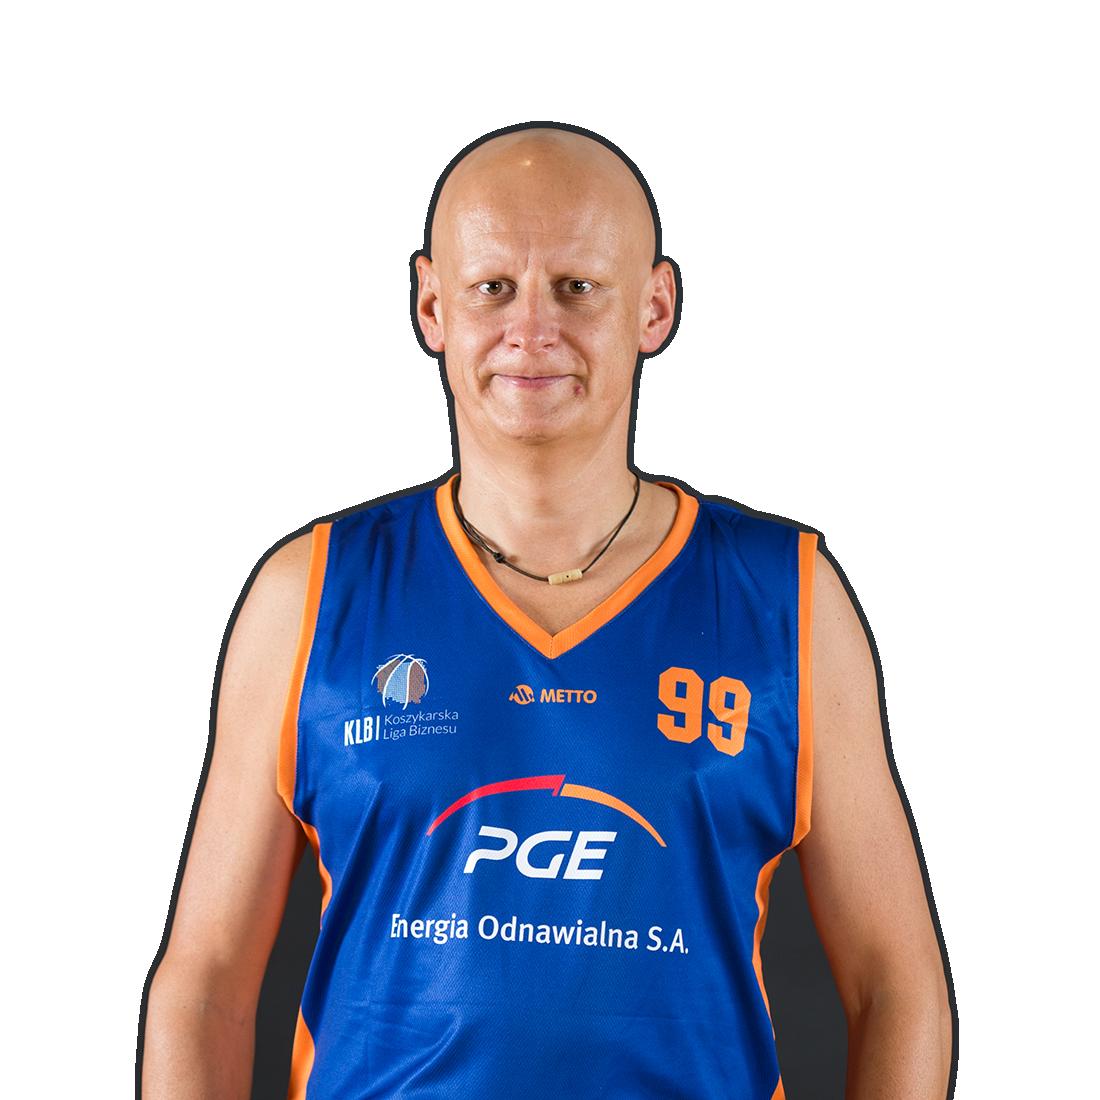 Bartek Sobolewski